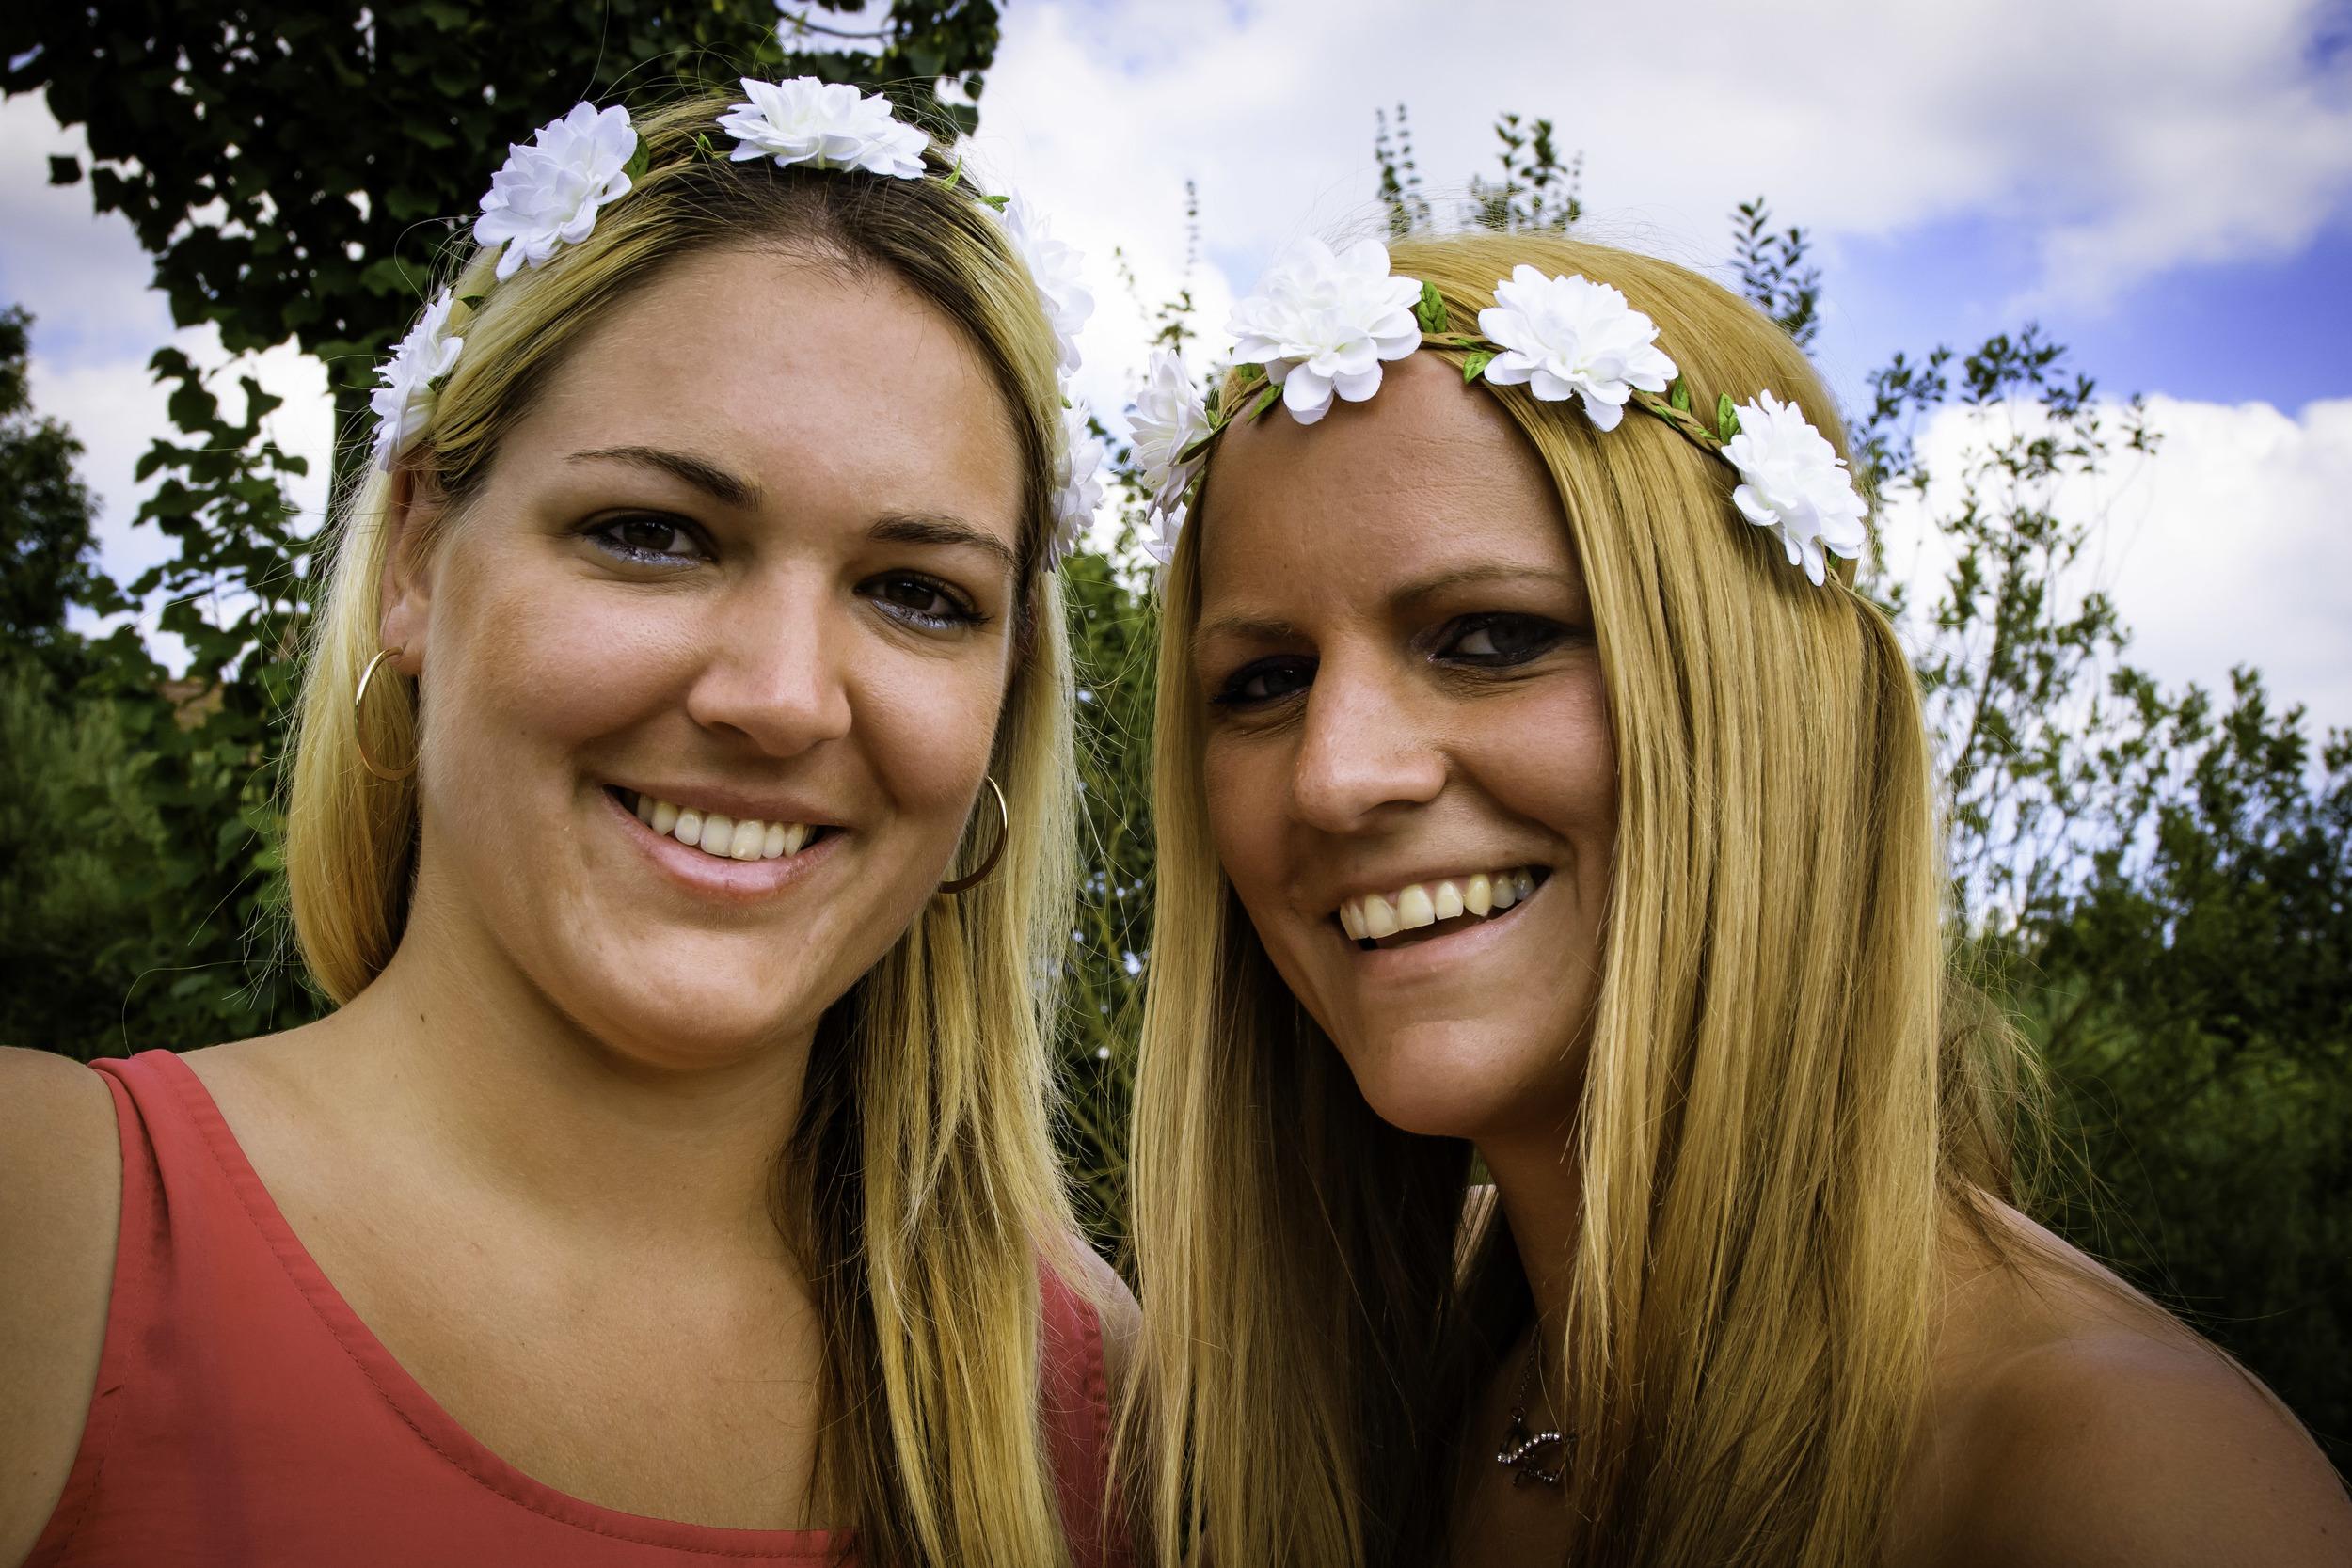 viewfinder-geen-eigenzinnige-fotografie-wel-snapshots-tomorrowland-themadness-2016-flowergirls-deutschland